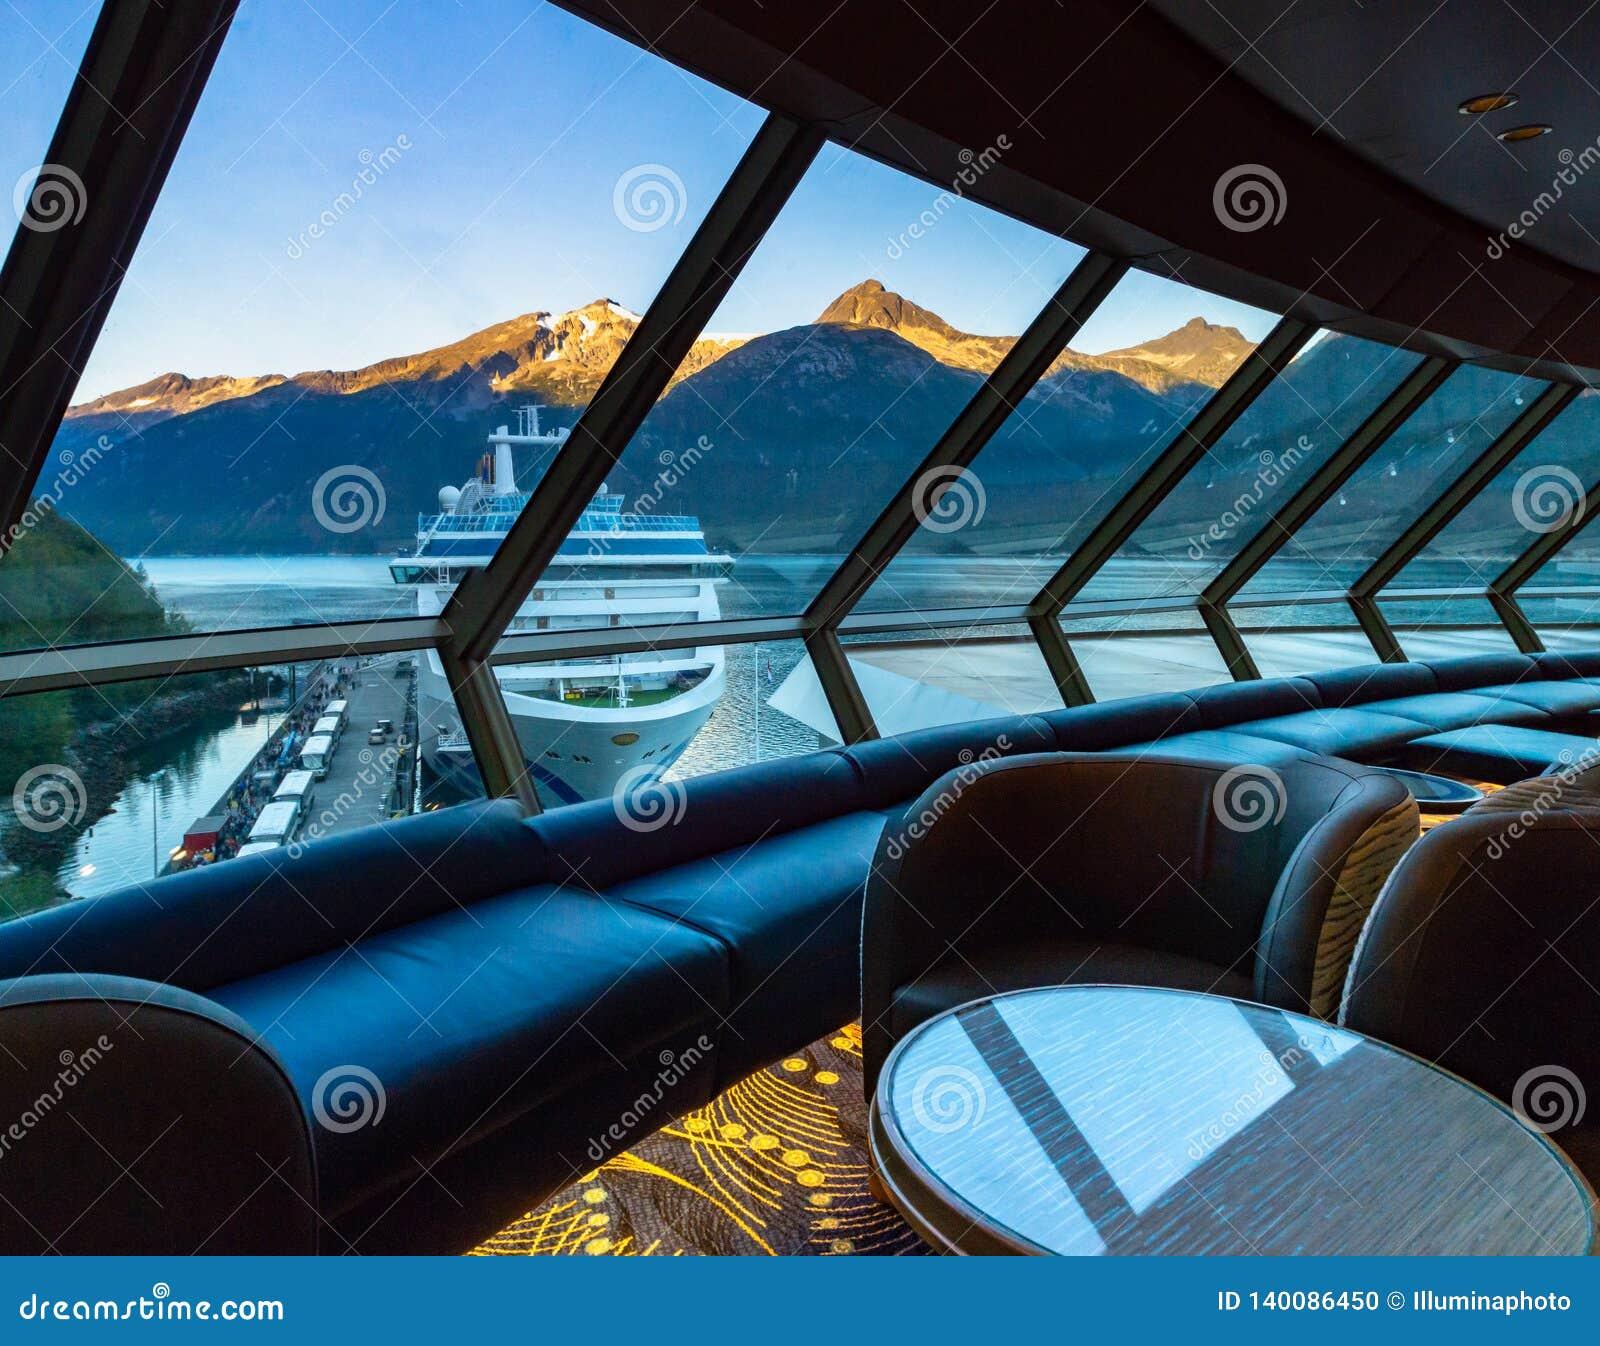 15 de setembro de 2018 - Skagway, AK: Opinião do nascer do sol do navio no porto do interior do ninho de corvo a bordo do Volenda